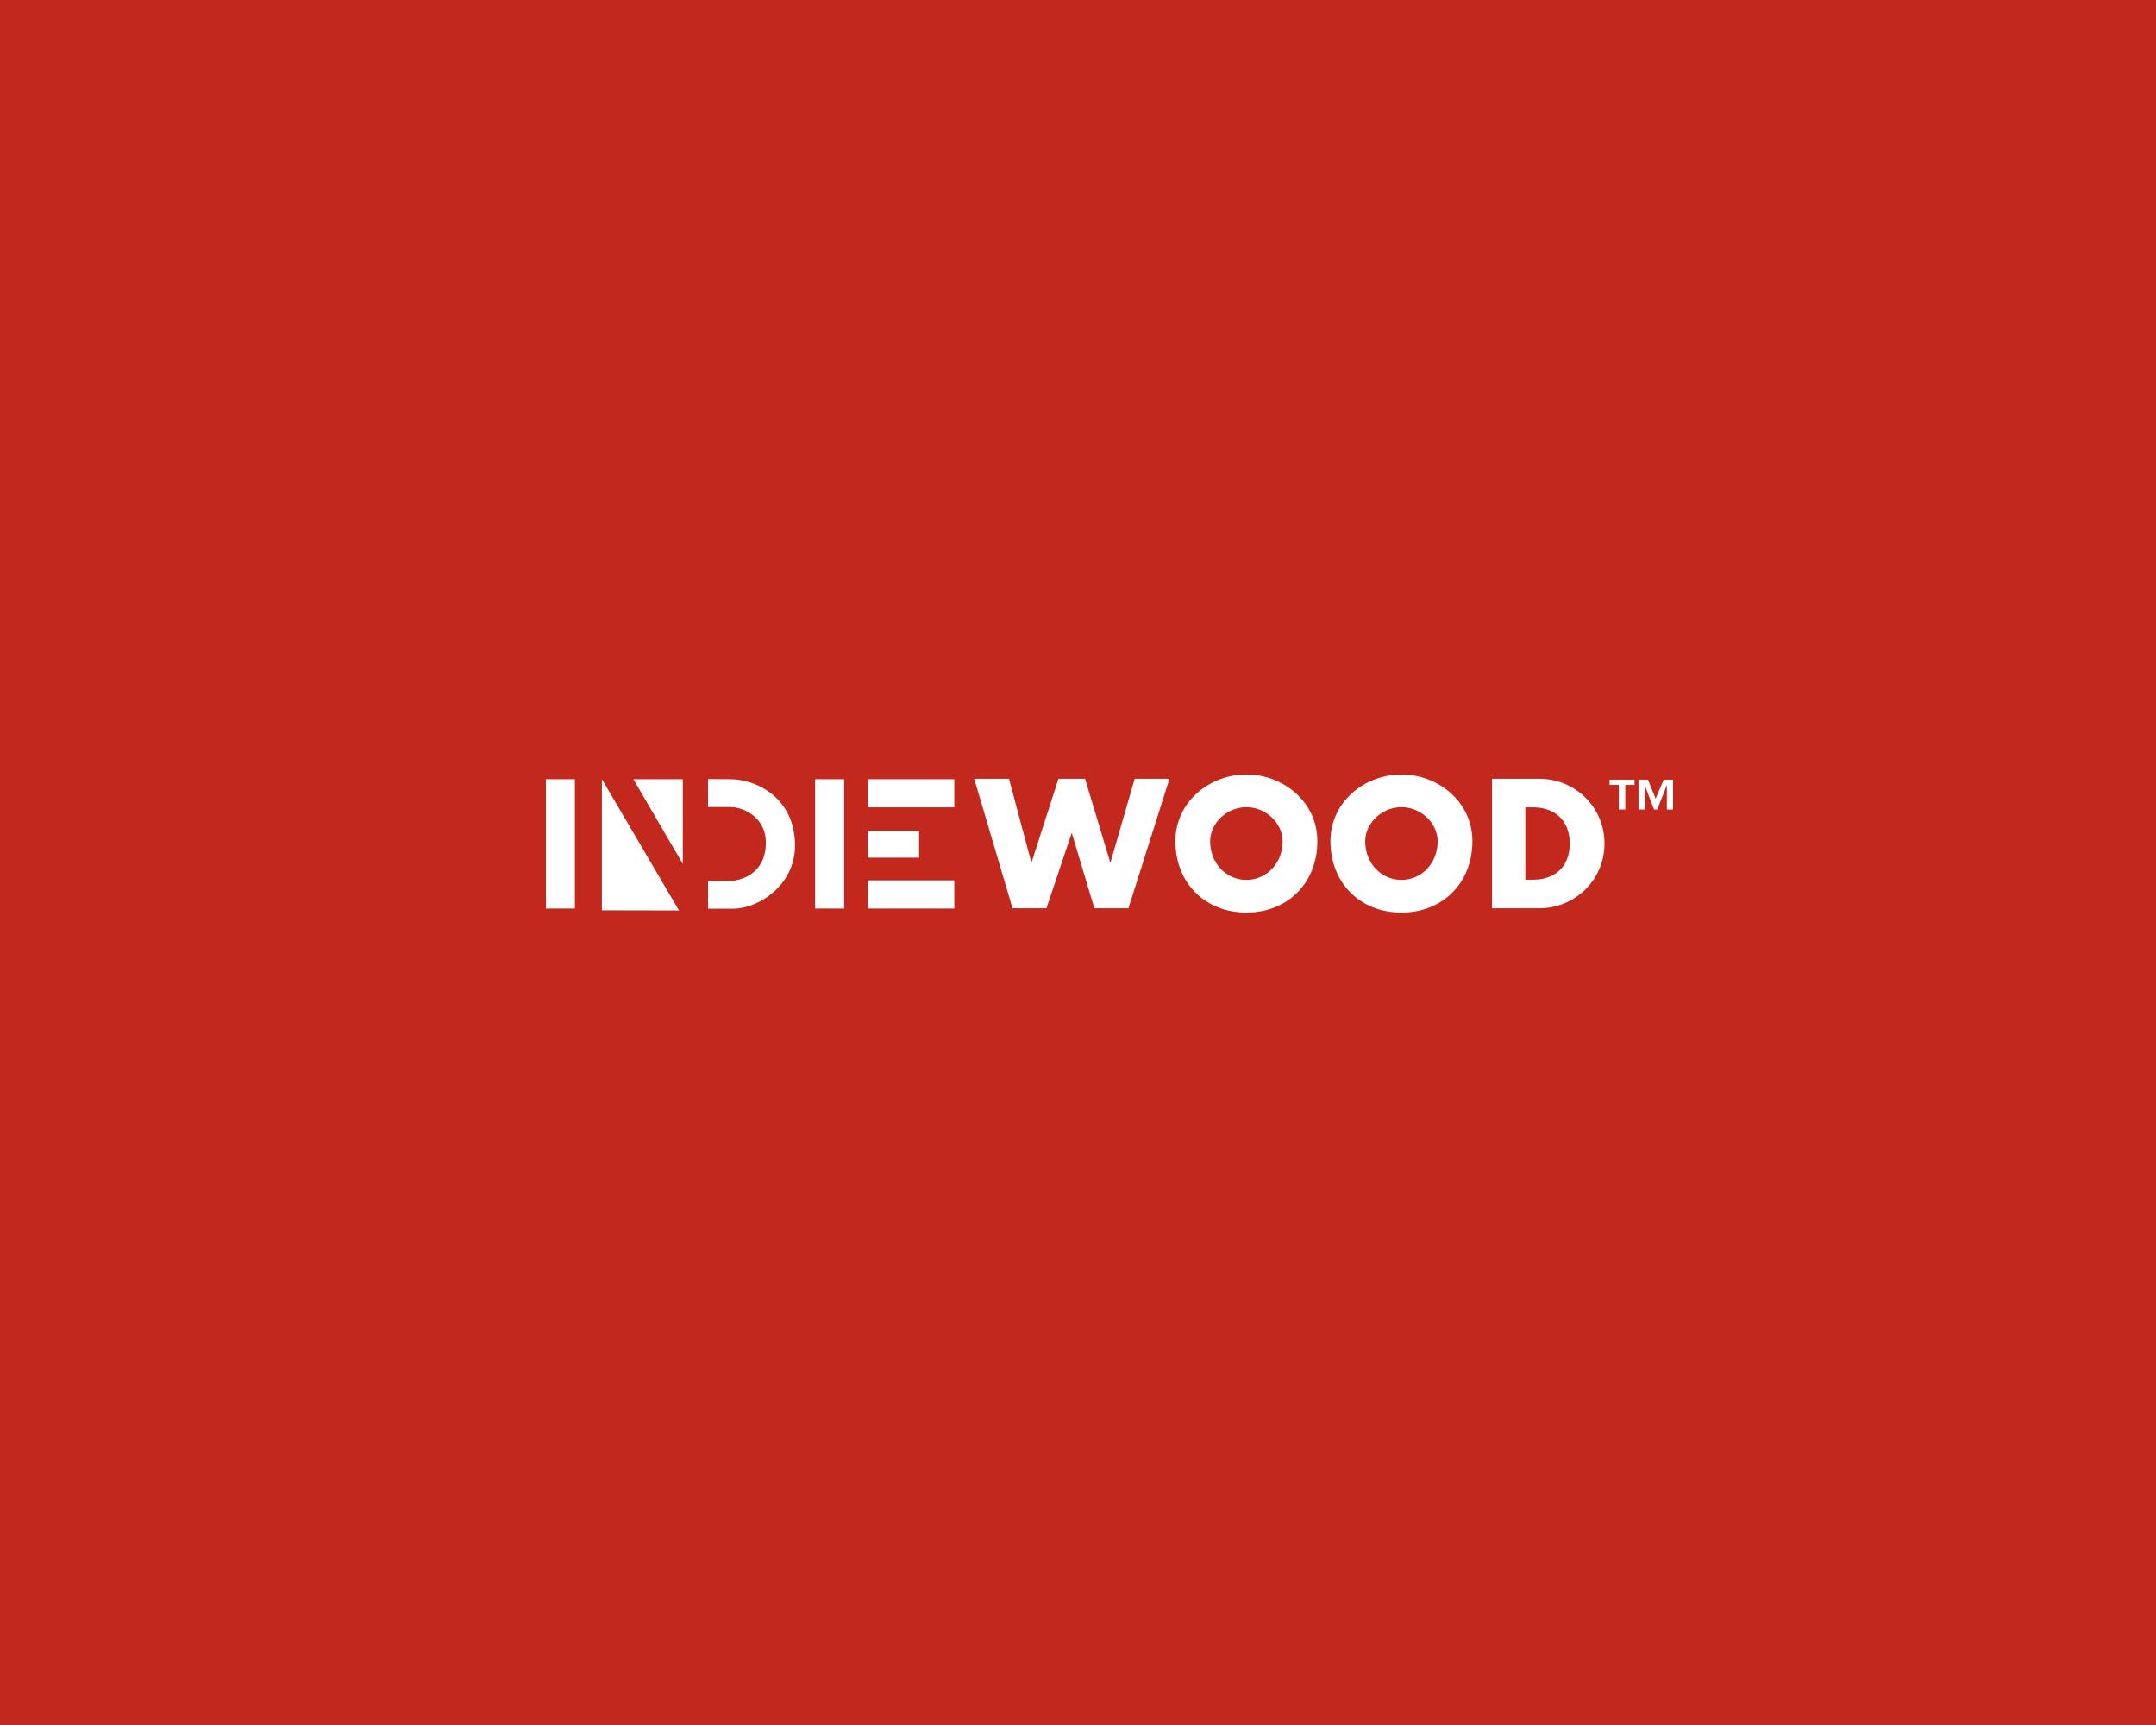 Indiewood Logo